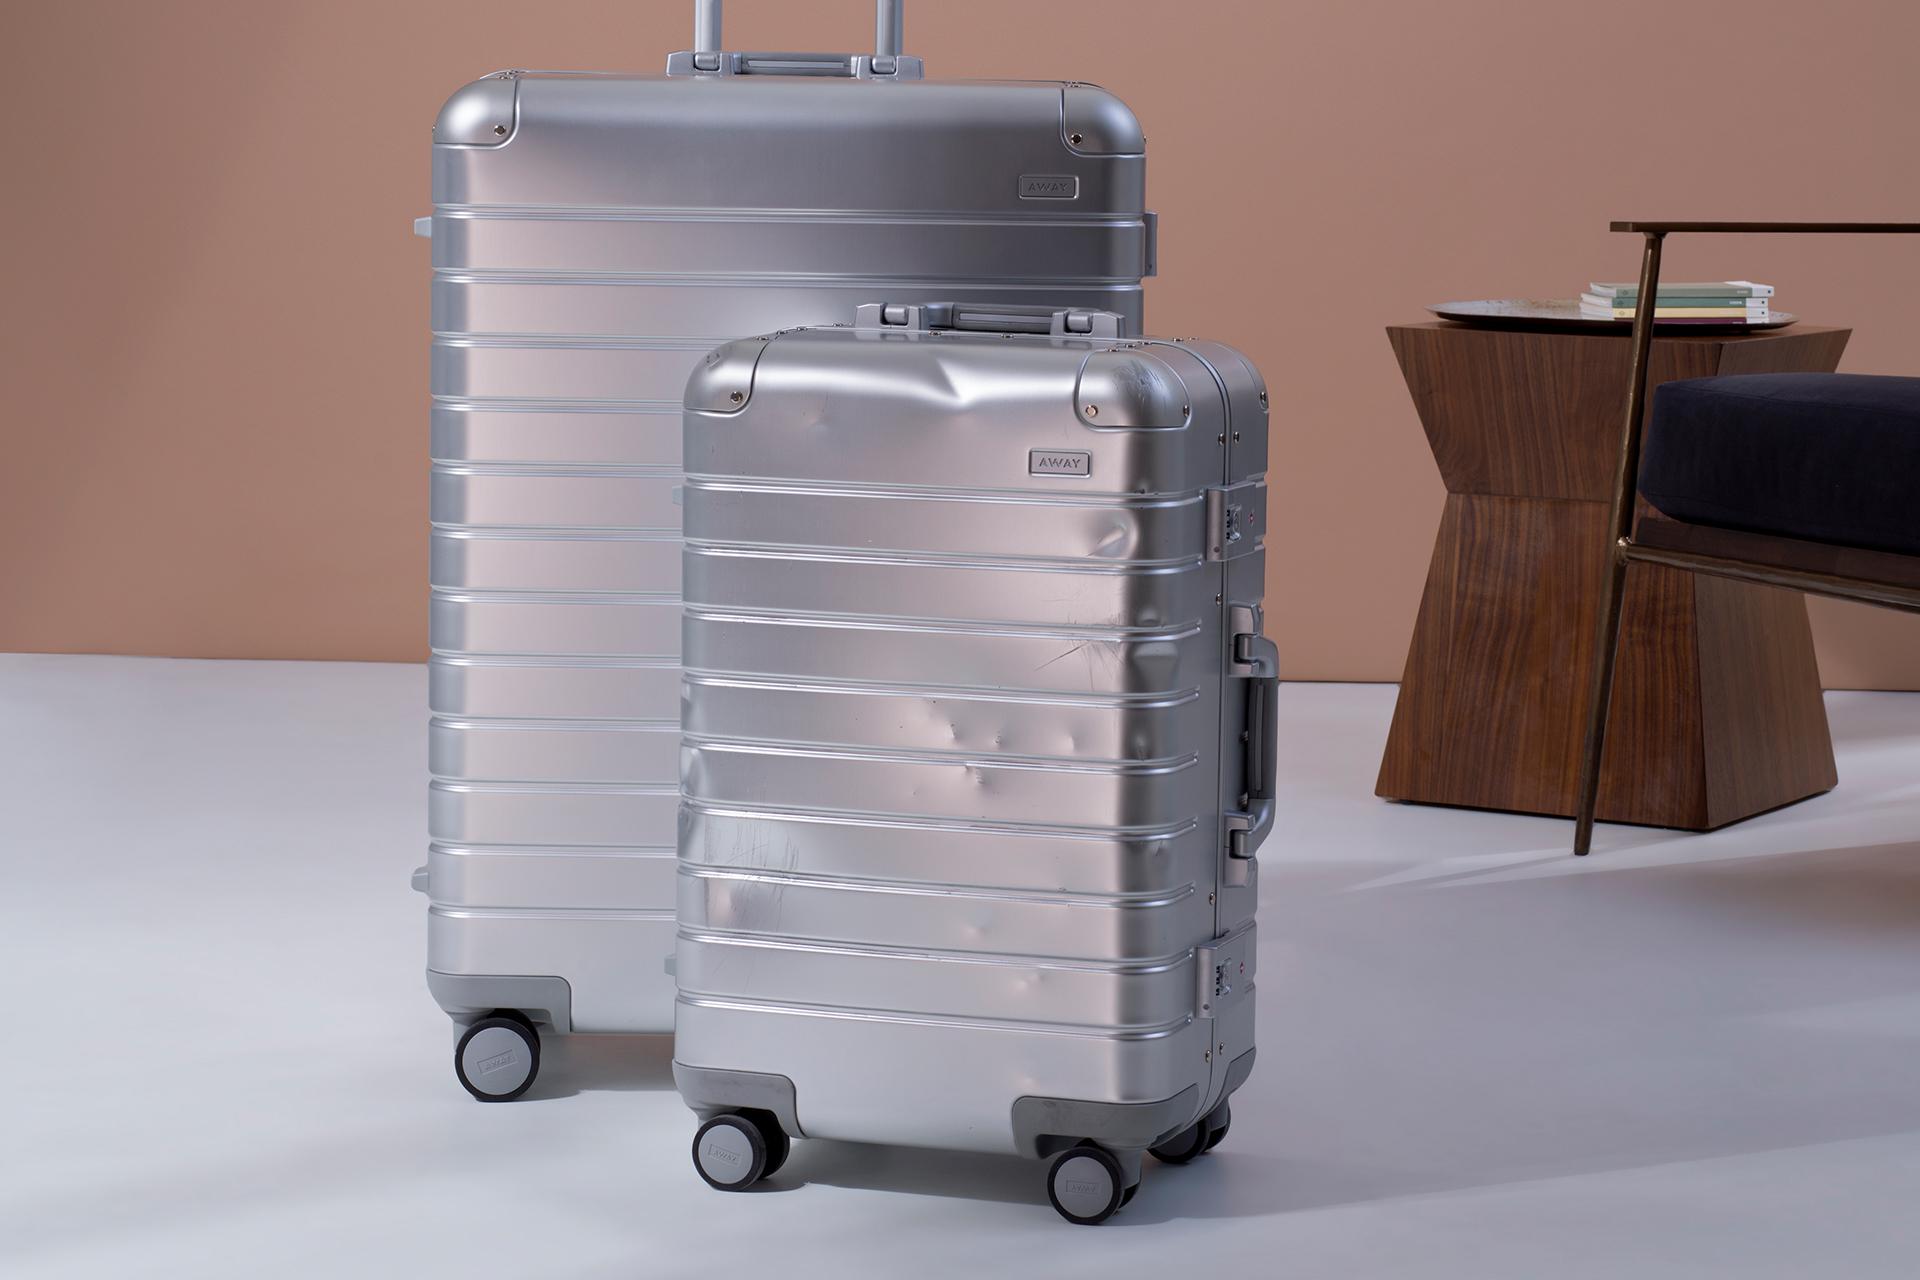 Awayのラグジュアリーなアルミニウム素材スーツケース